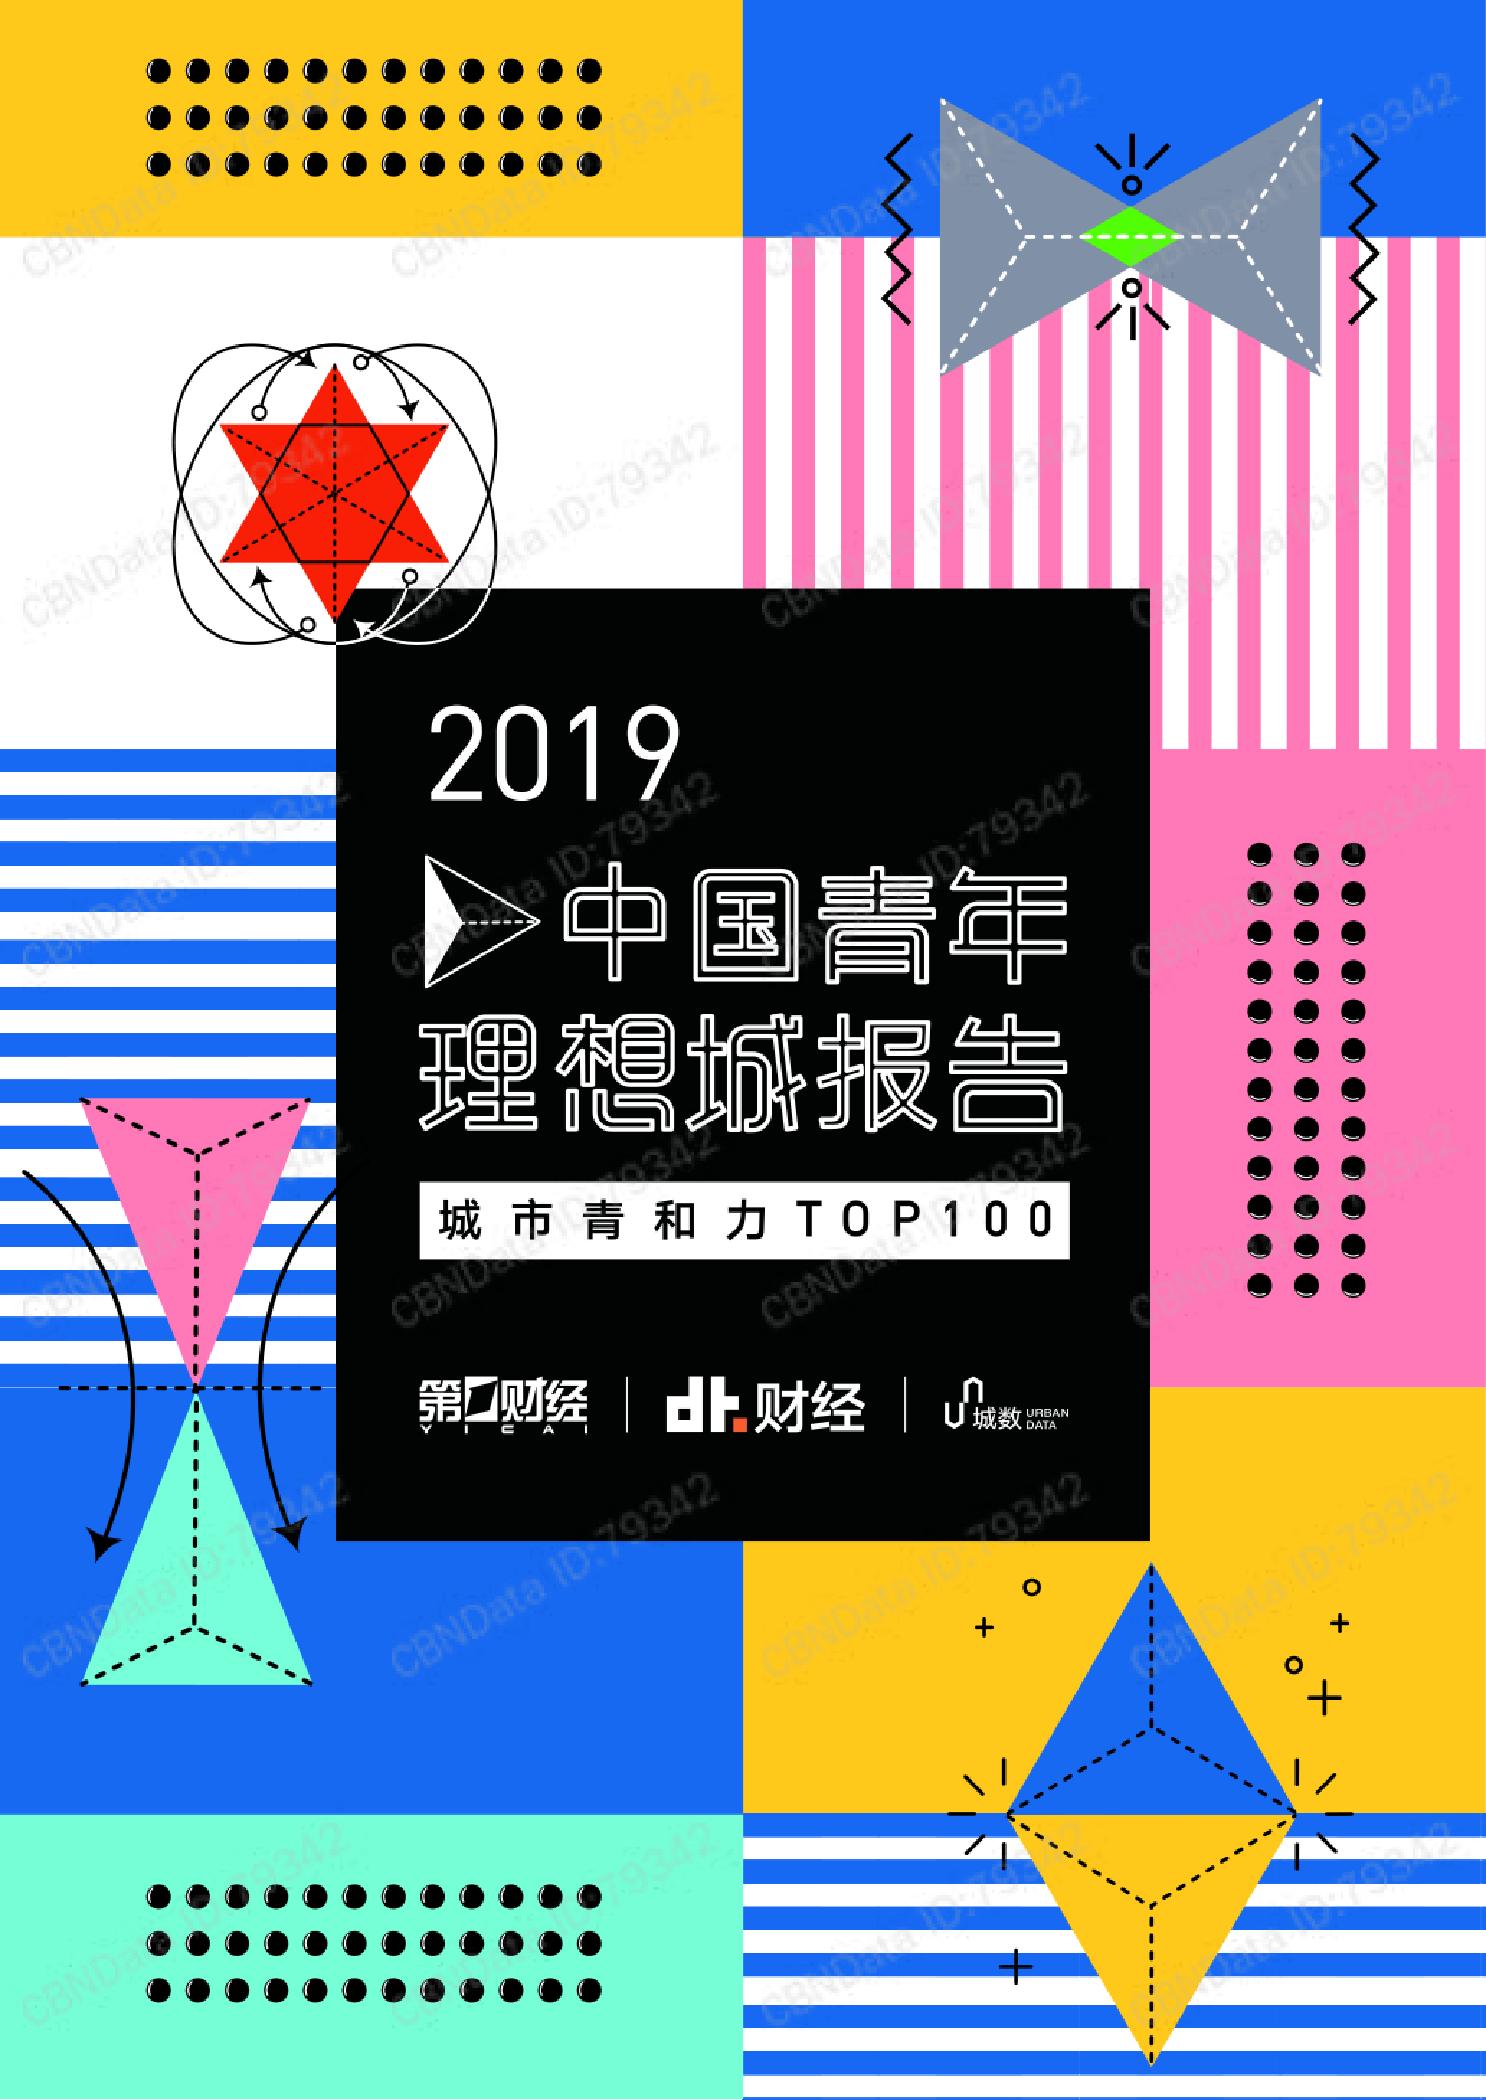 中国青年理想城:城市青和力top100